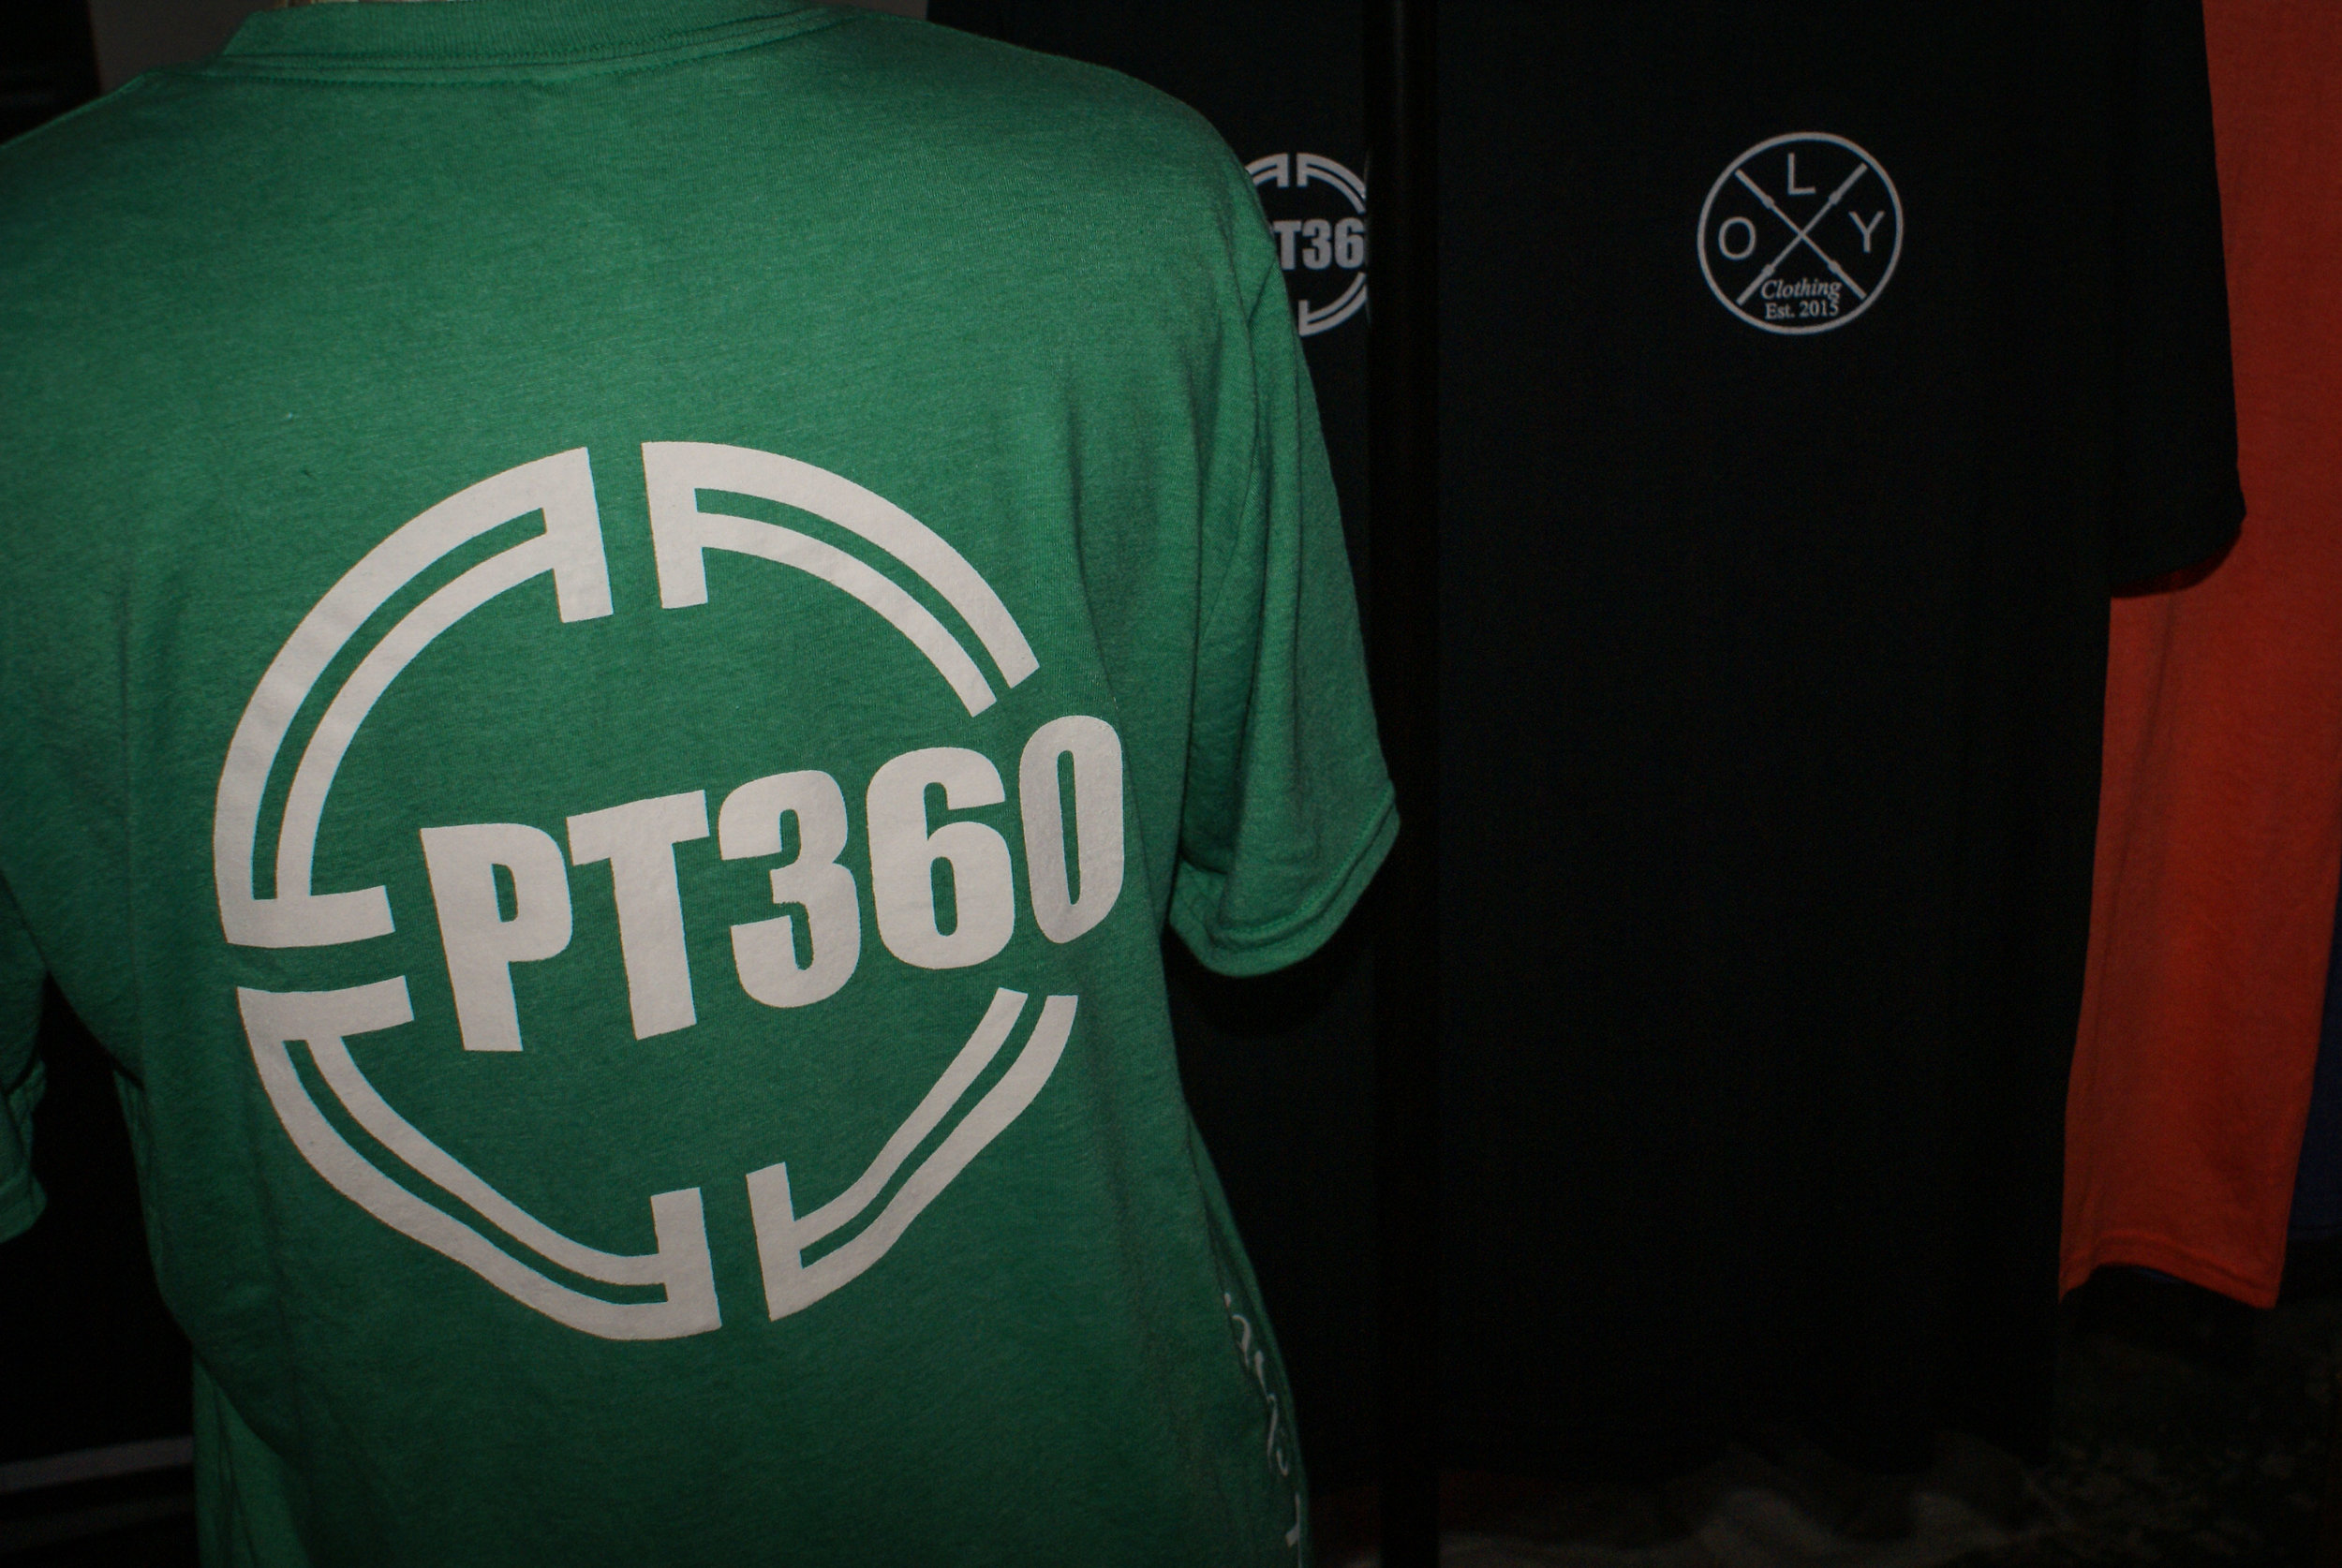 PT360-CA-LR-40.jpg